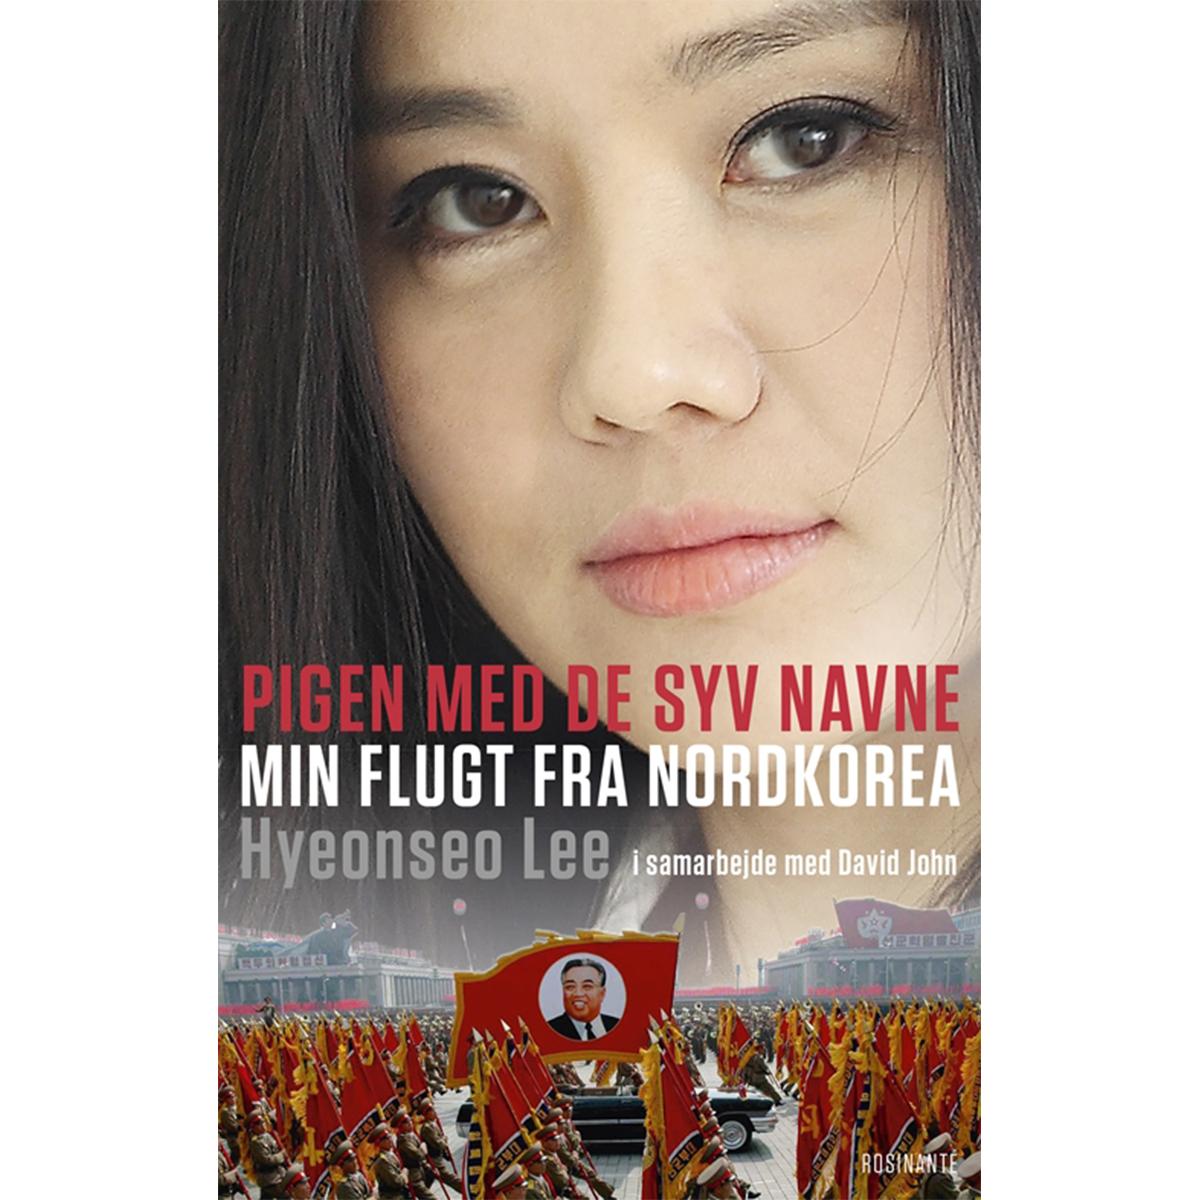 Pigen med de syv navne - min flugt fra Nordkorea - Hæftet